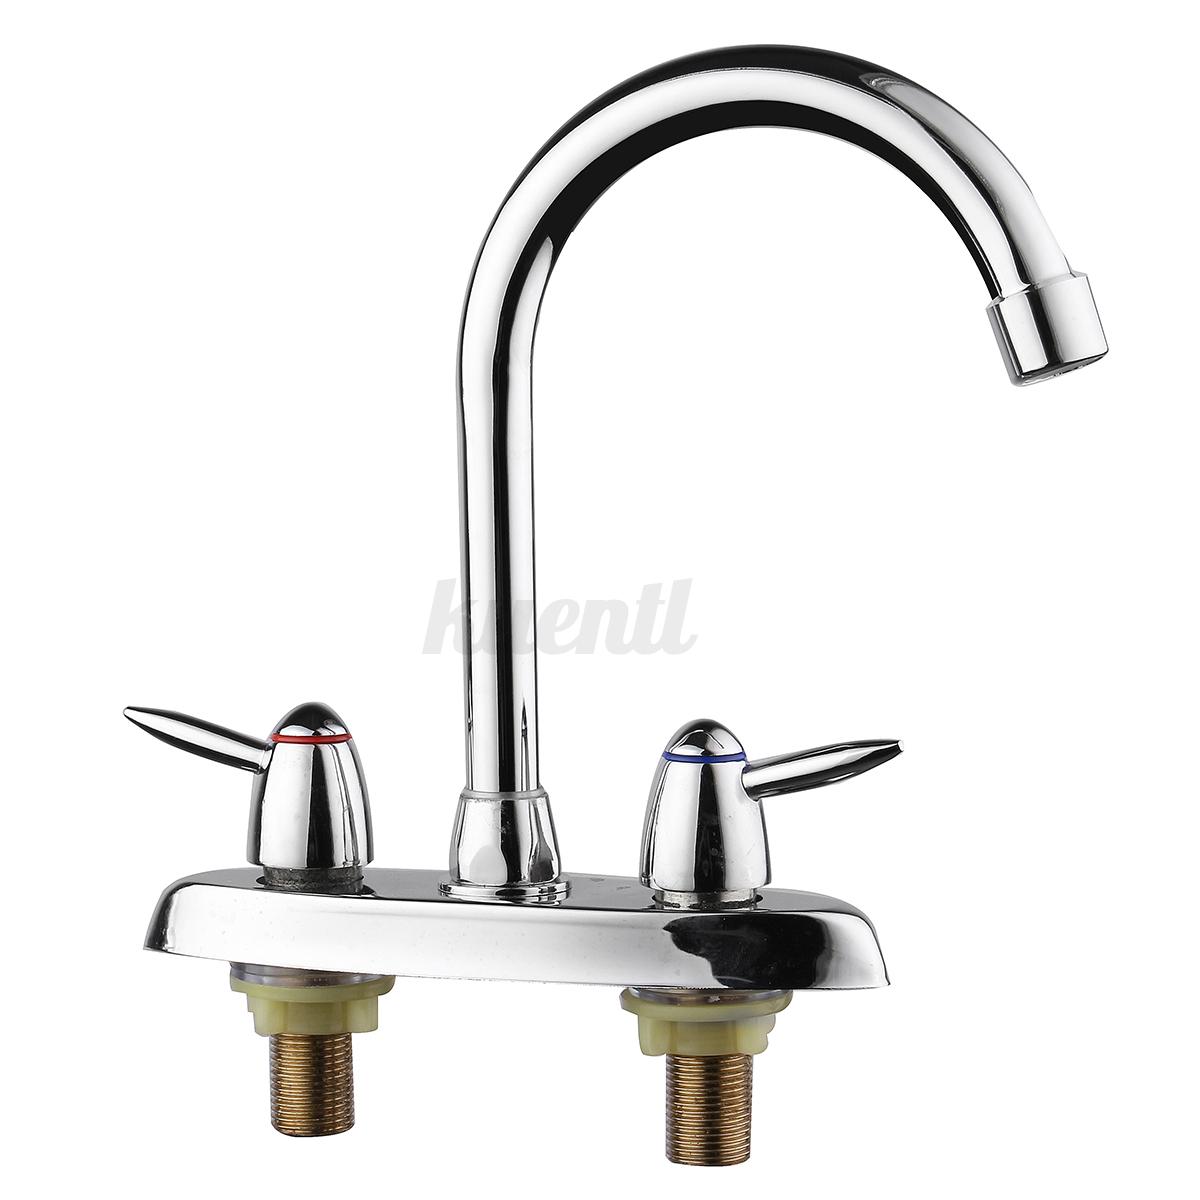 High Spout Bathroom Faucet: 360° 2 Handle High Spout Kitchen Bathroom Faucet Sink